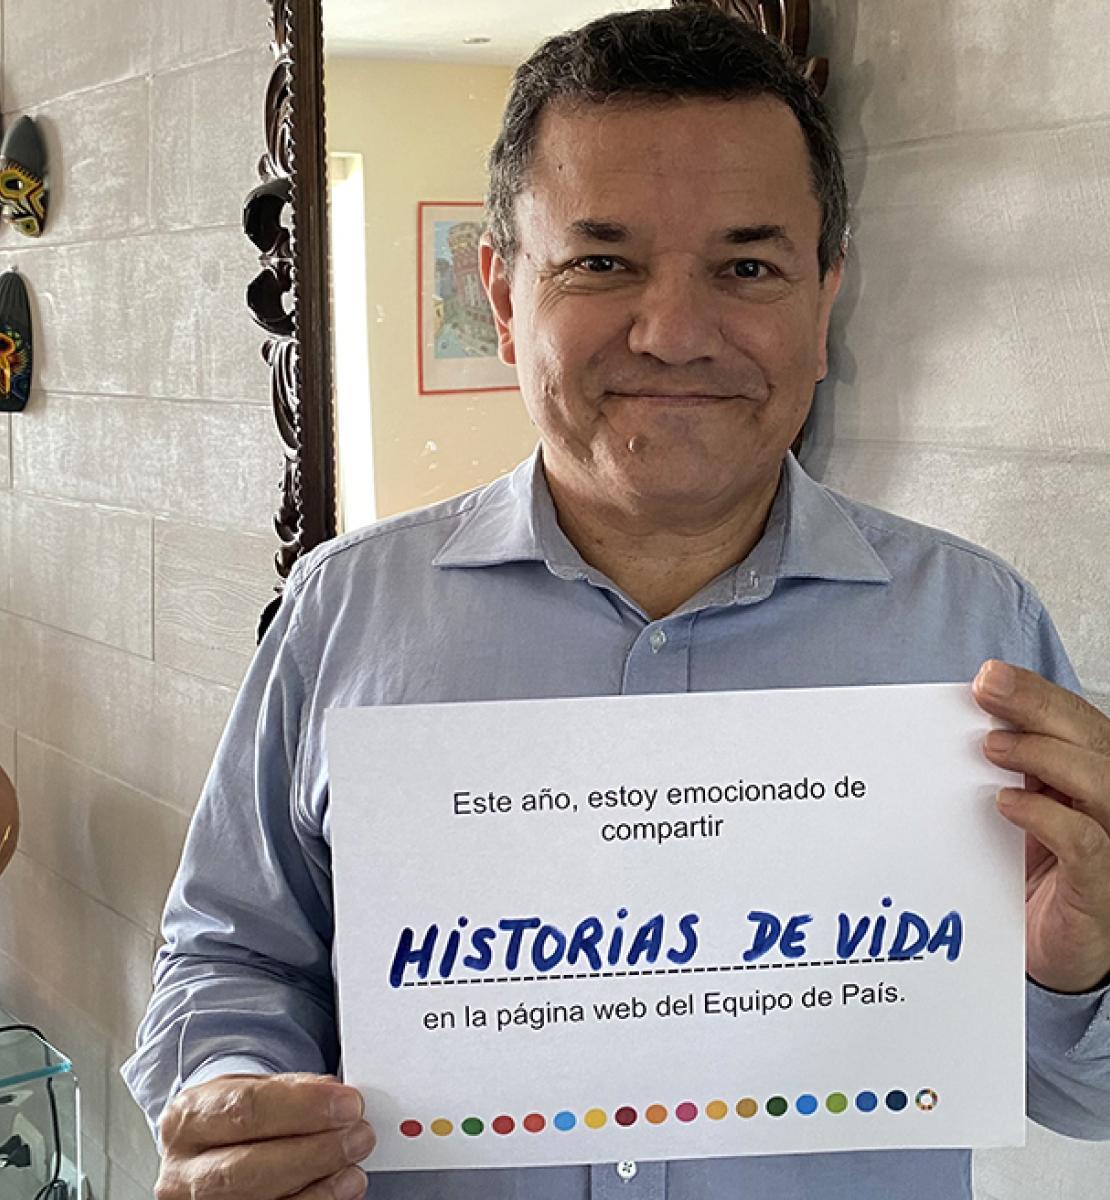 Un hombre sonríe dulcemente a la cámara mientras sostiene un pequeño letrero que comparte su visión de futuro sobre el sitio web, en español.